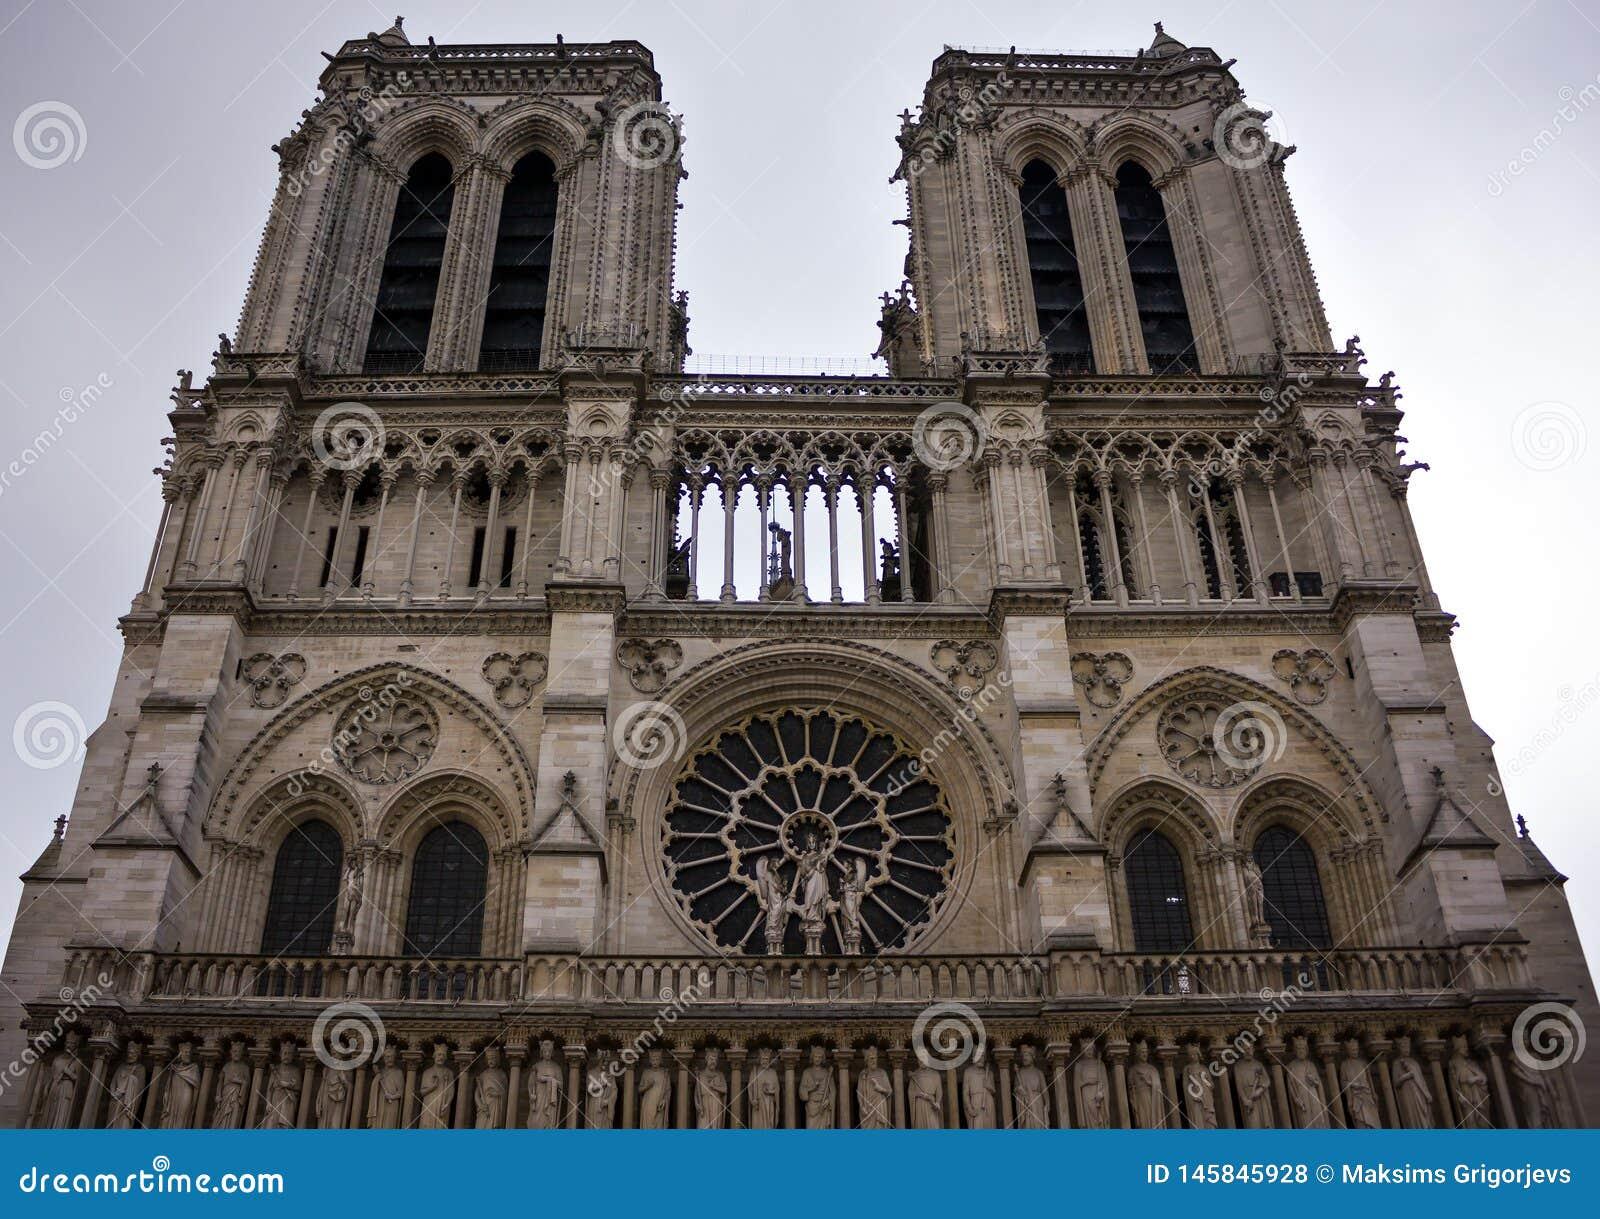 巴黎圣母院,大教堂门面,法国,2013年6月25日